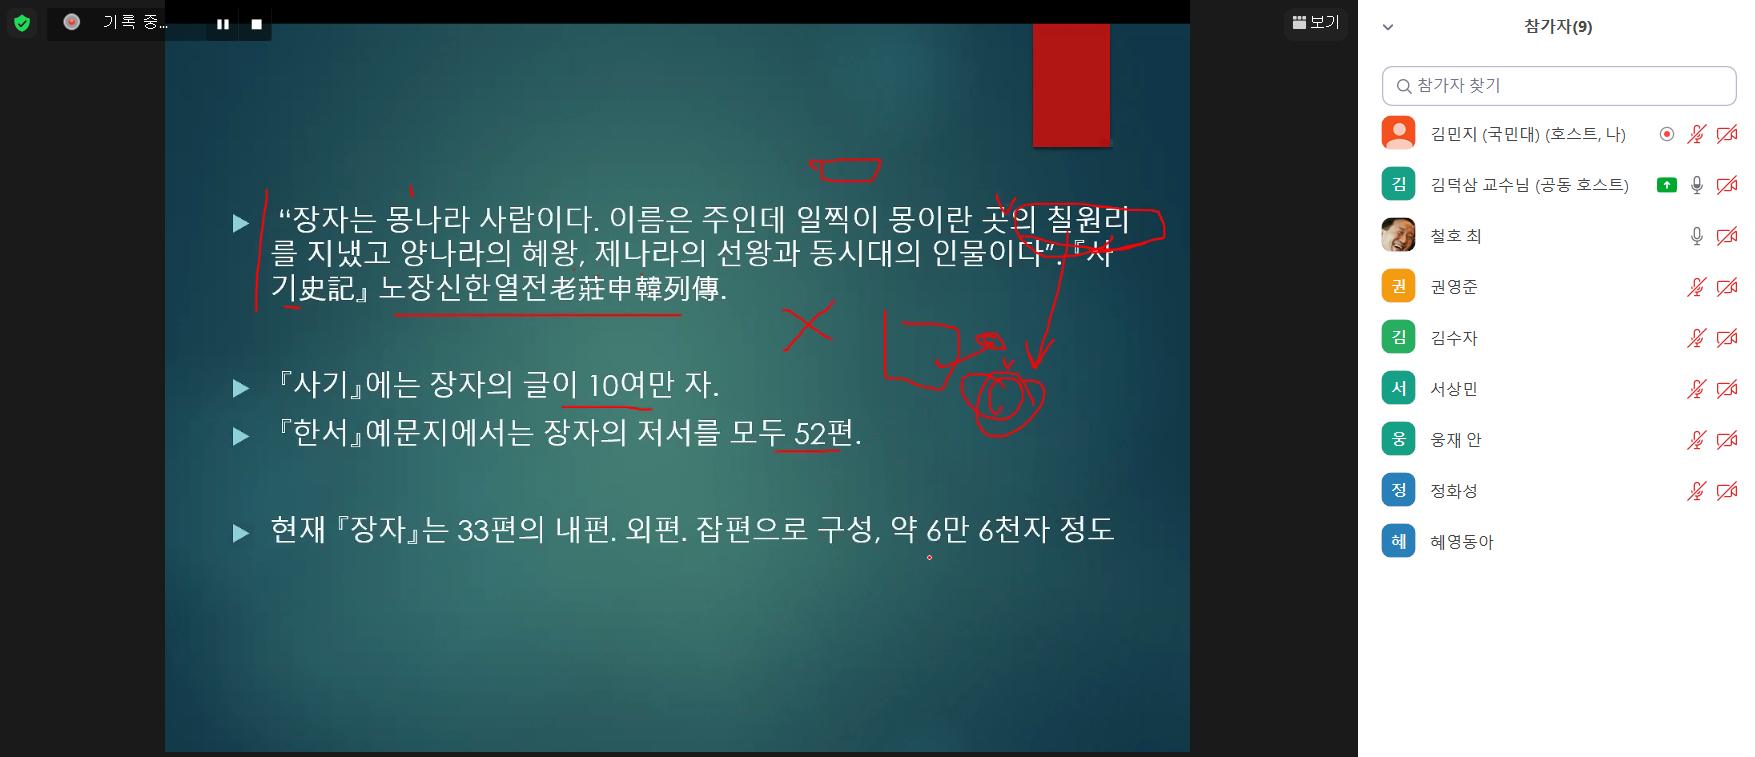 사본 -성북구제2강_김덕삼교수님3.png